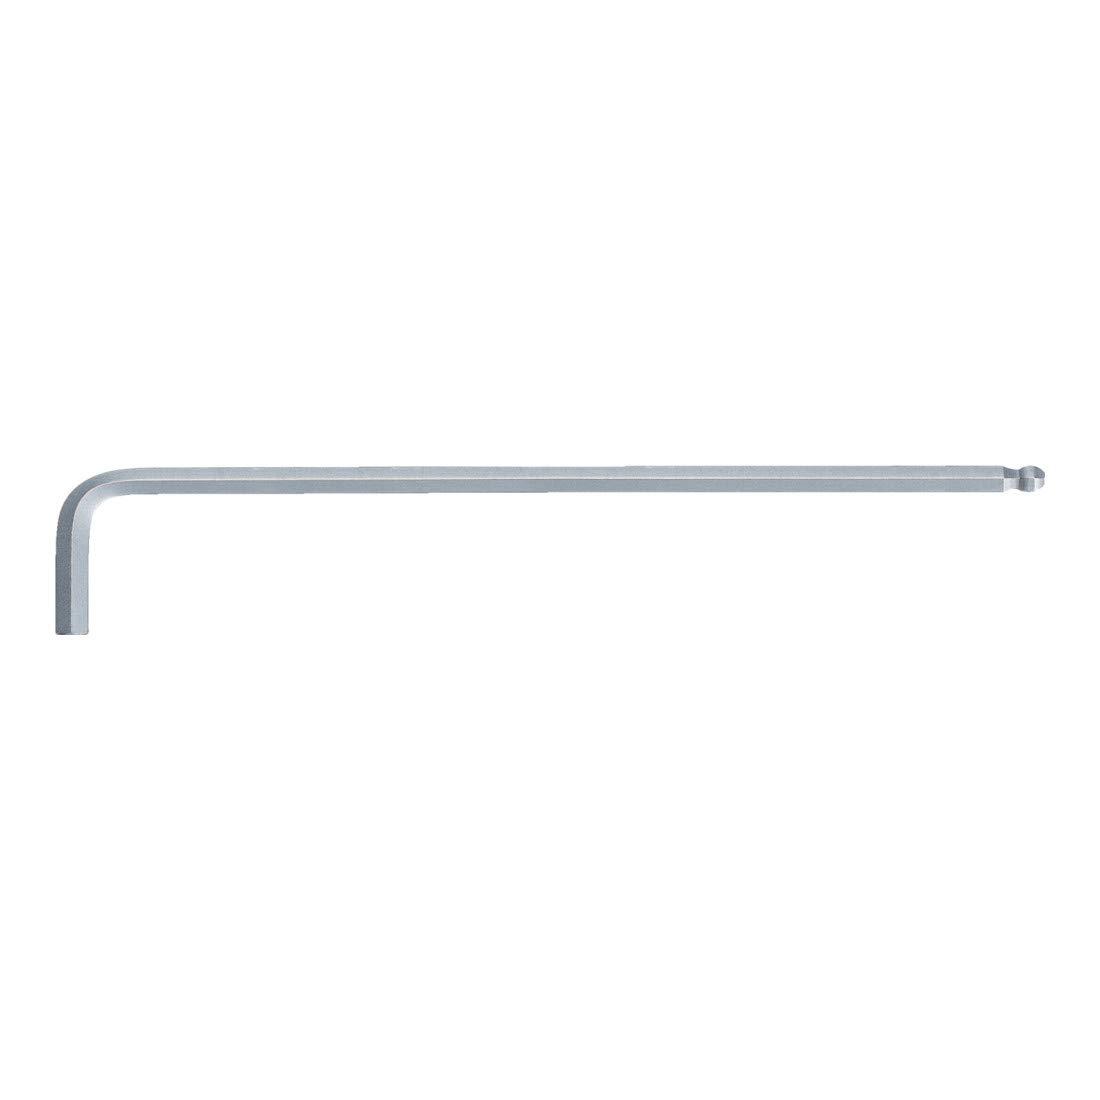 Llave Allen tama/ño XL, 5 mm KS Tools 151.3105